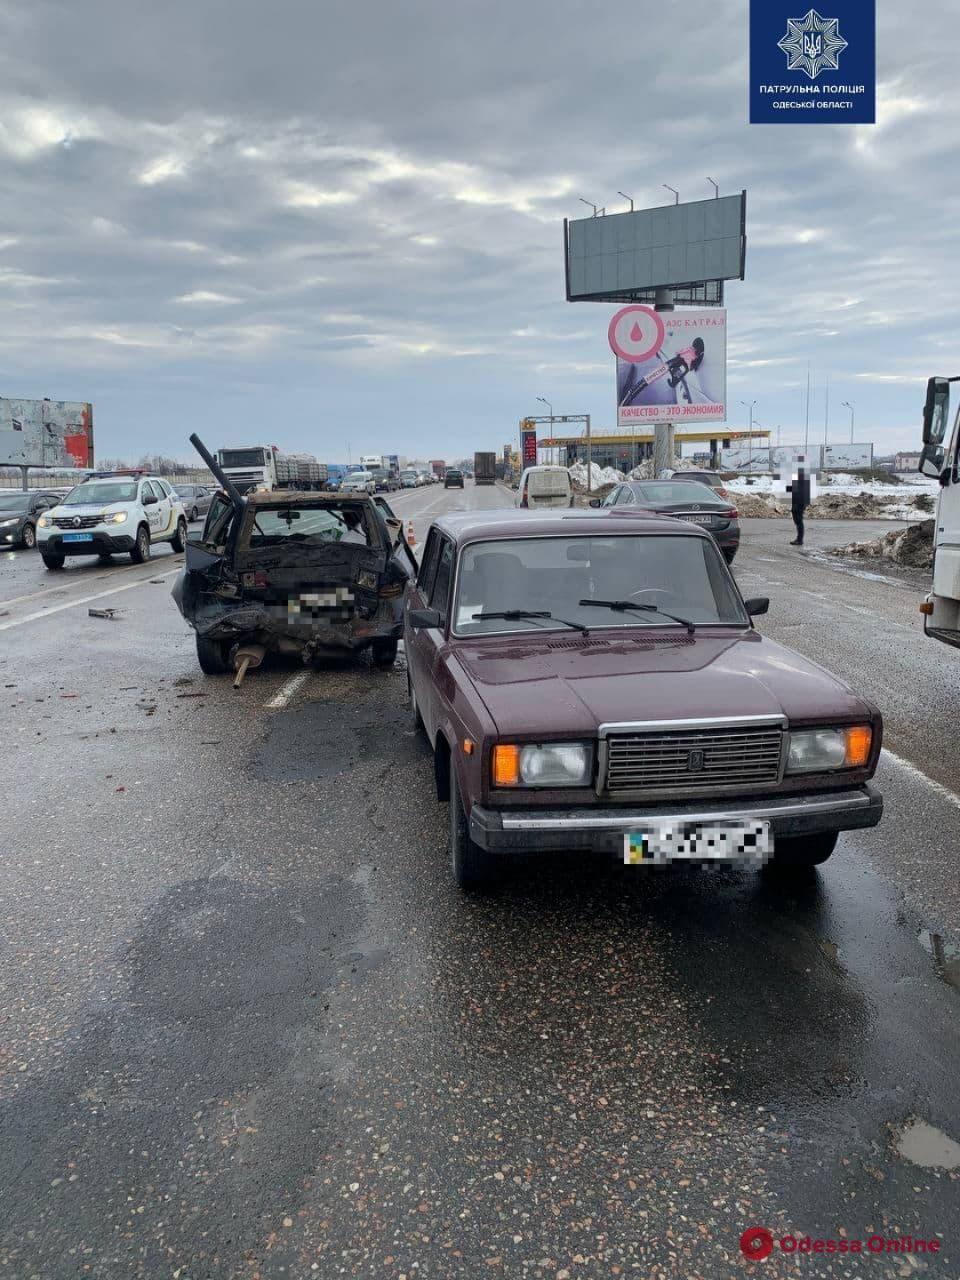 На Объездной дороге столкнулись четыре авто — есть пострадавшие (фото, видео)